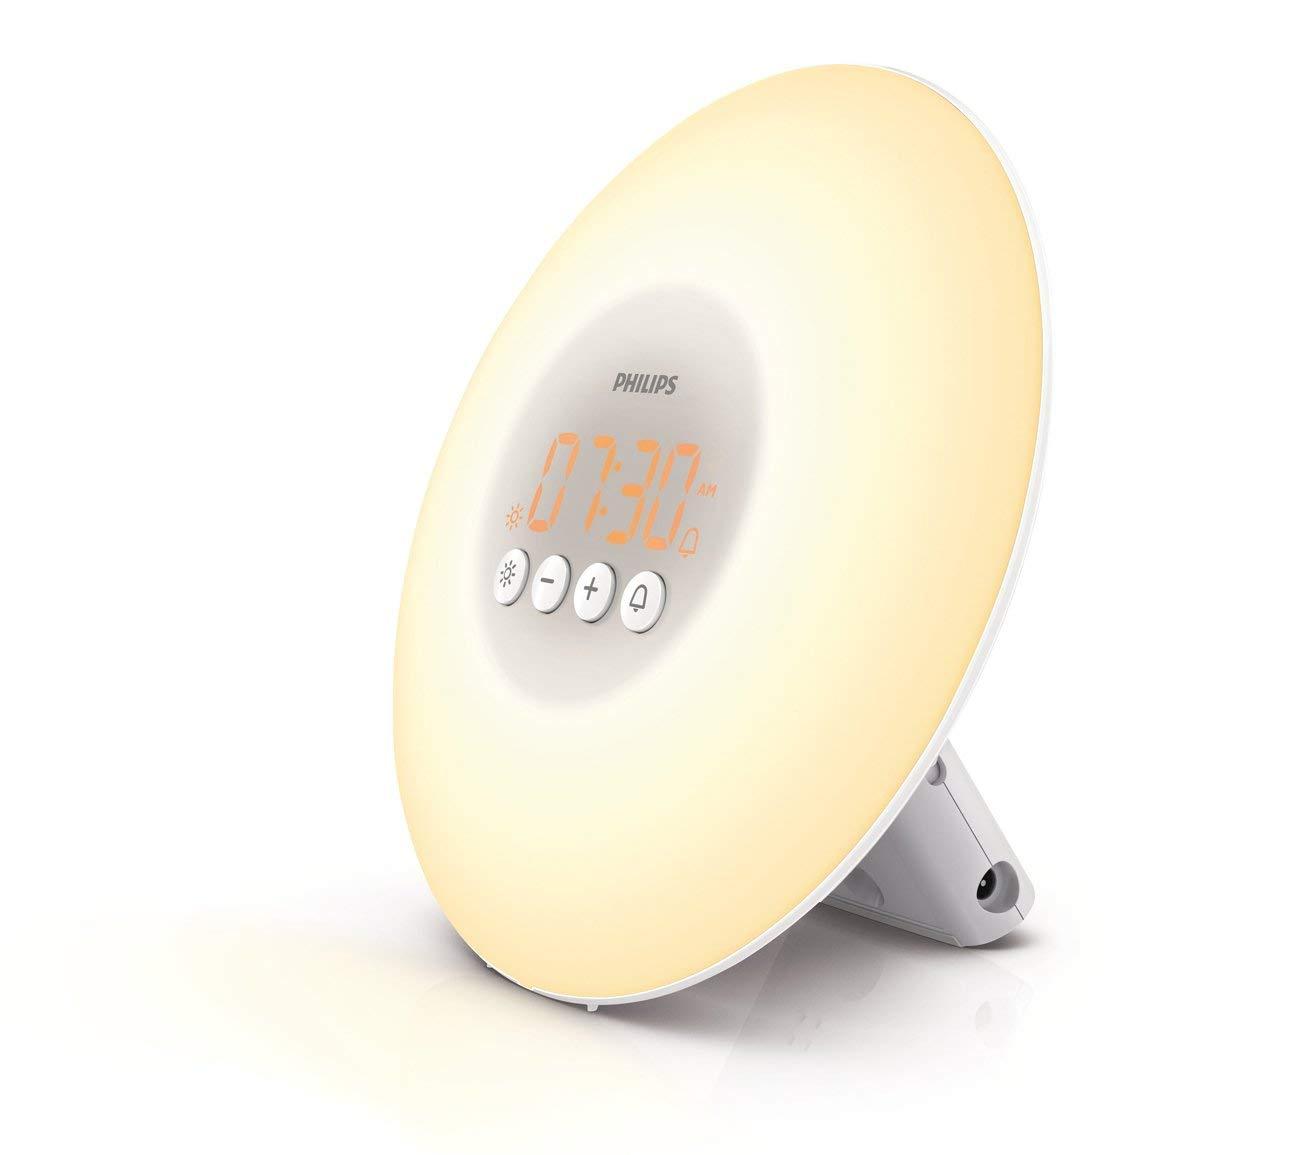 Philips Wake-Up Light Alarm Clock with Sunrise Simulation, White